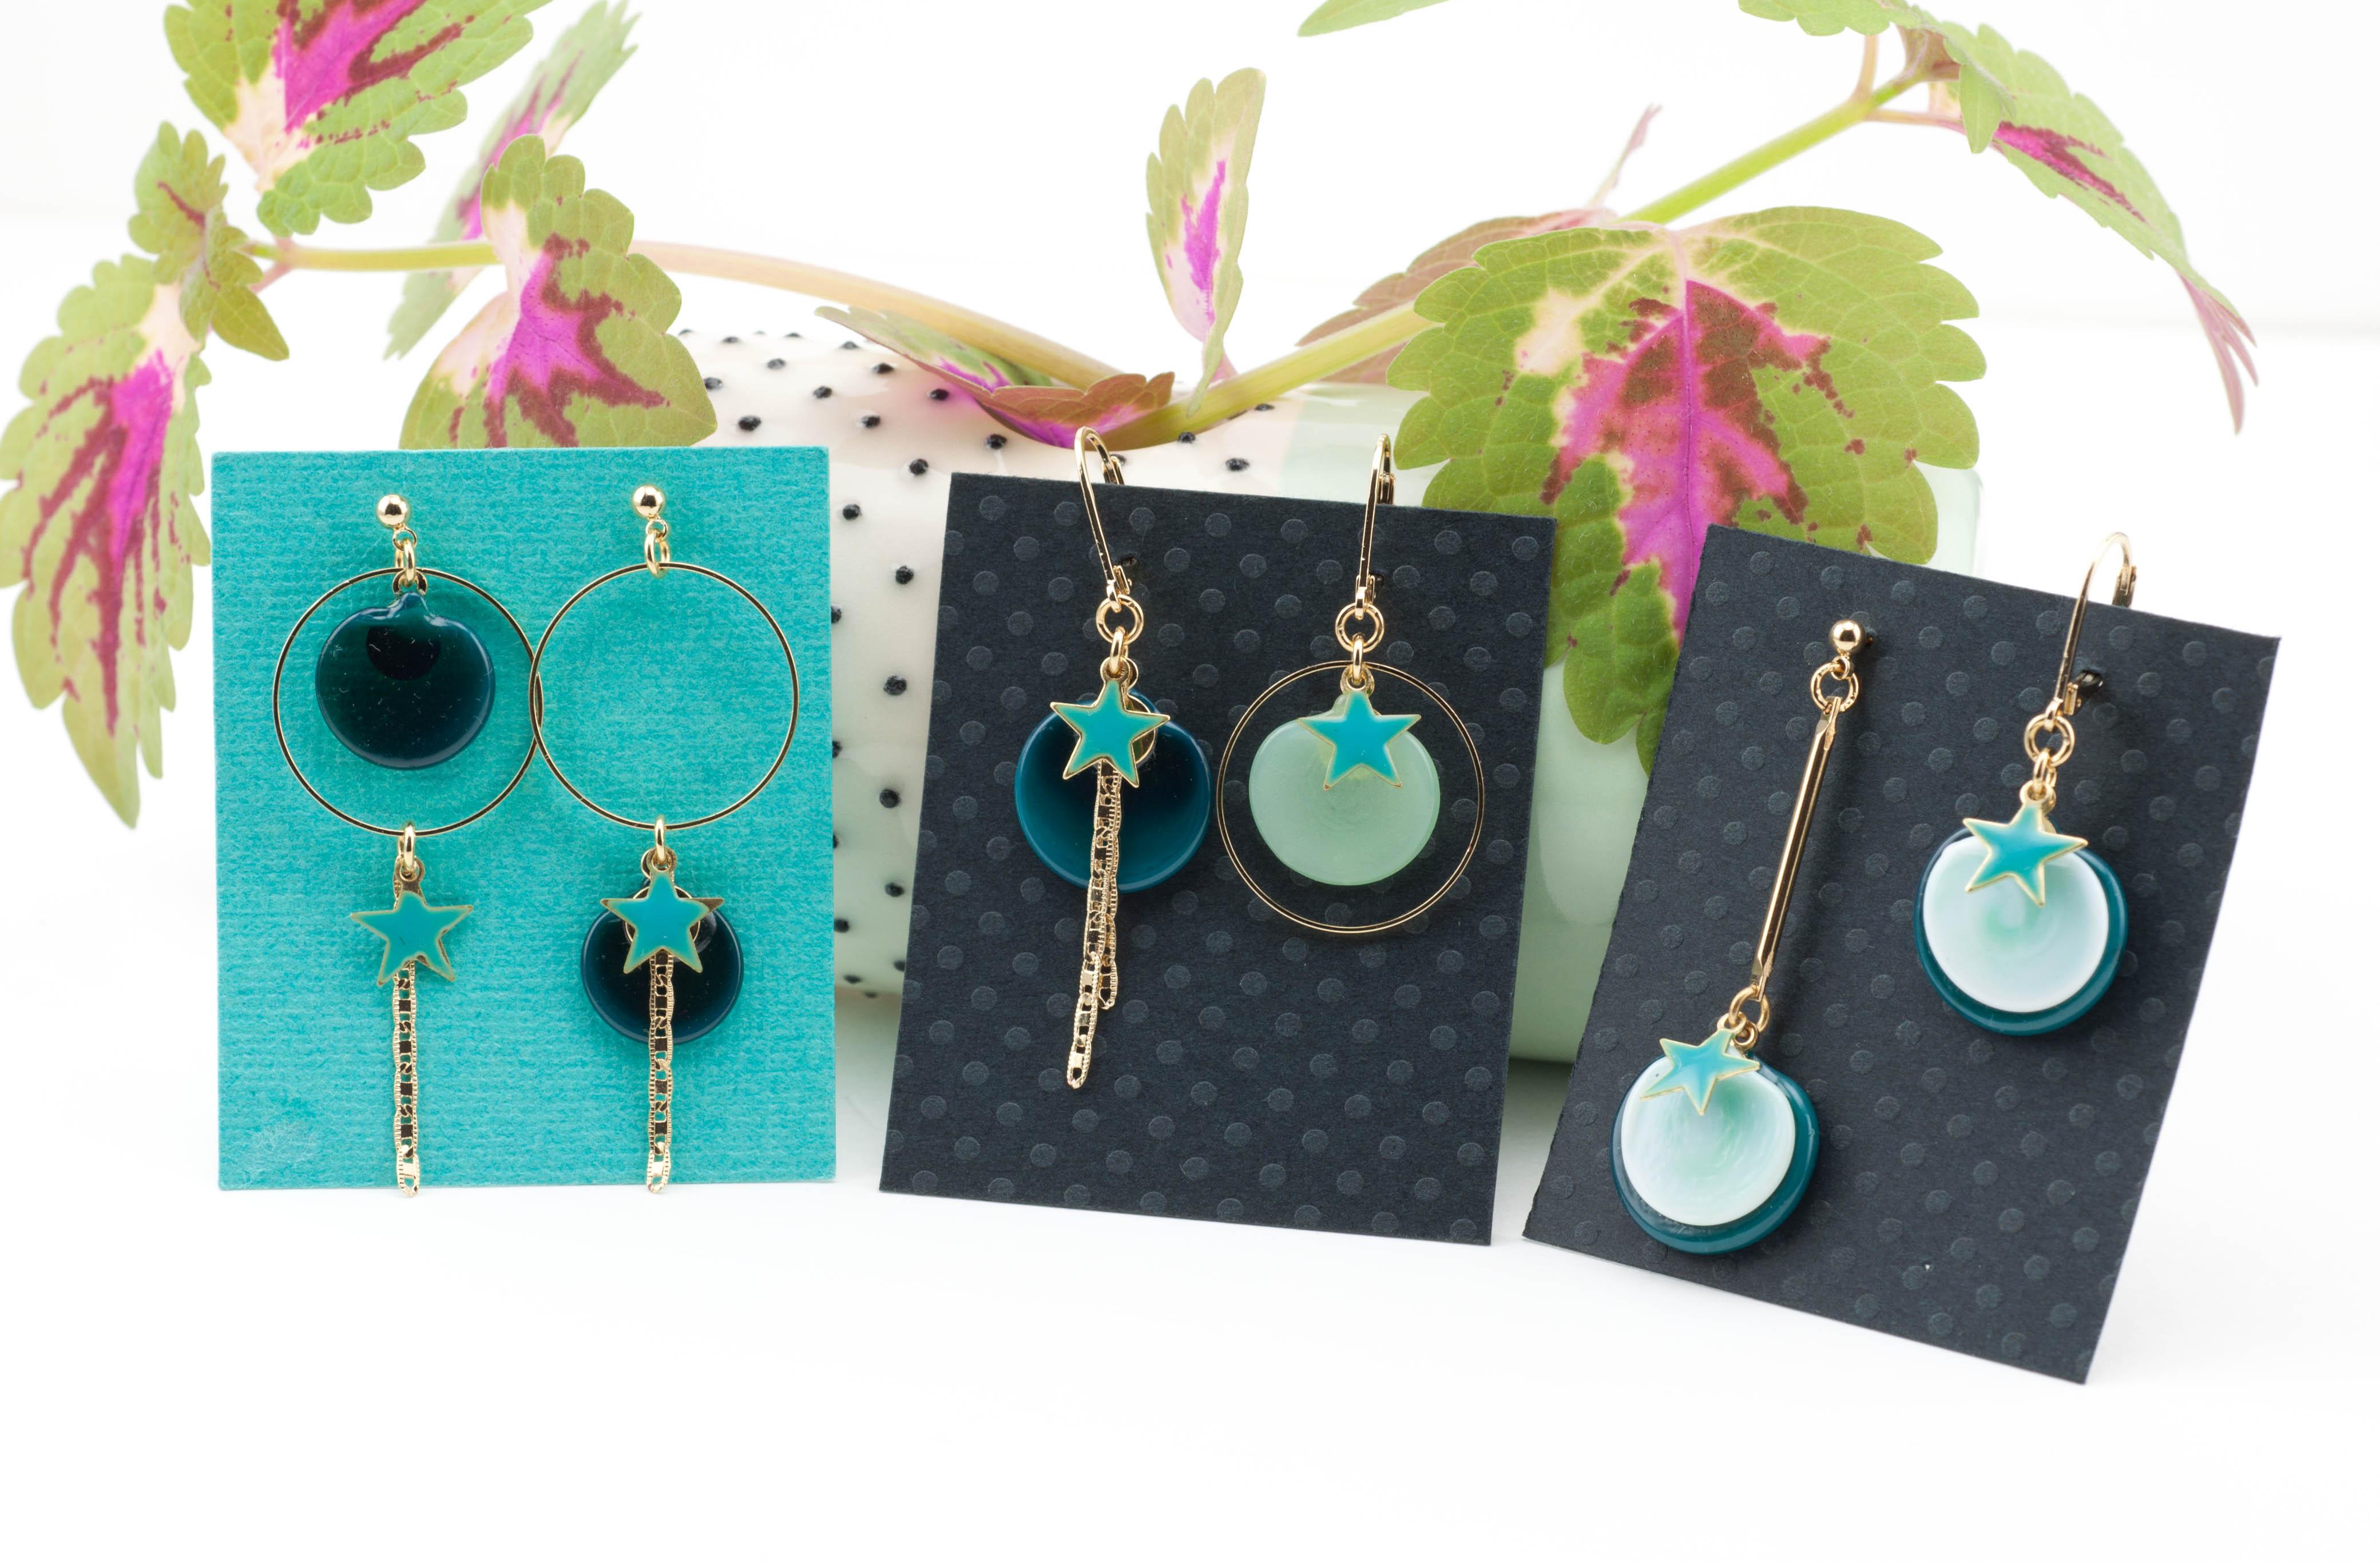 Collection ma bonne étoile, bijoux en verre paris 14 création artisanale